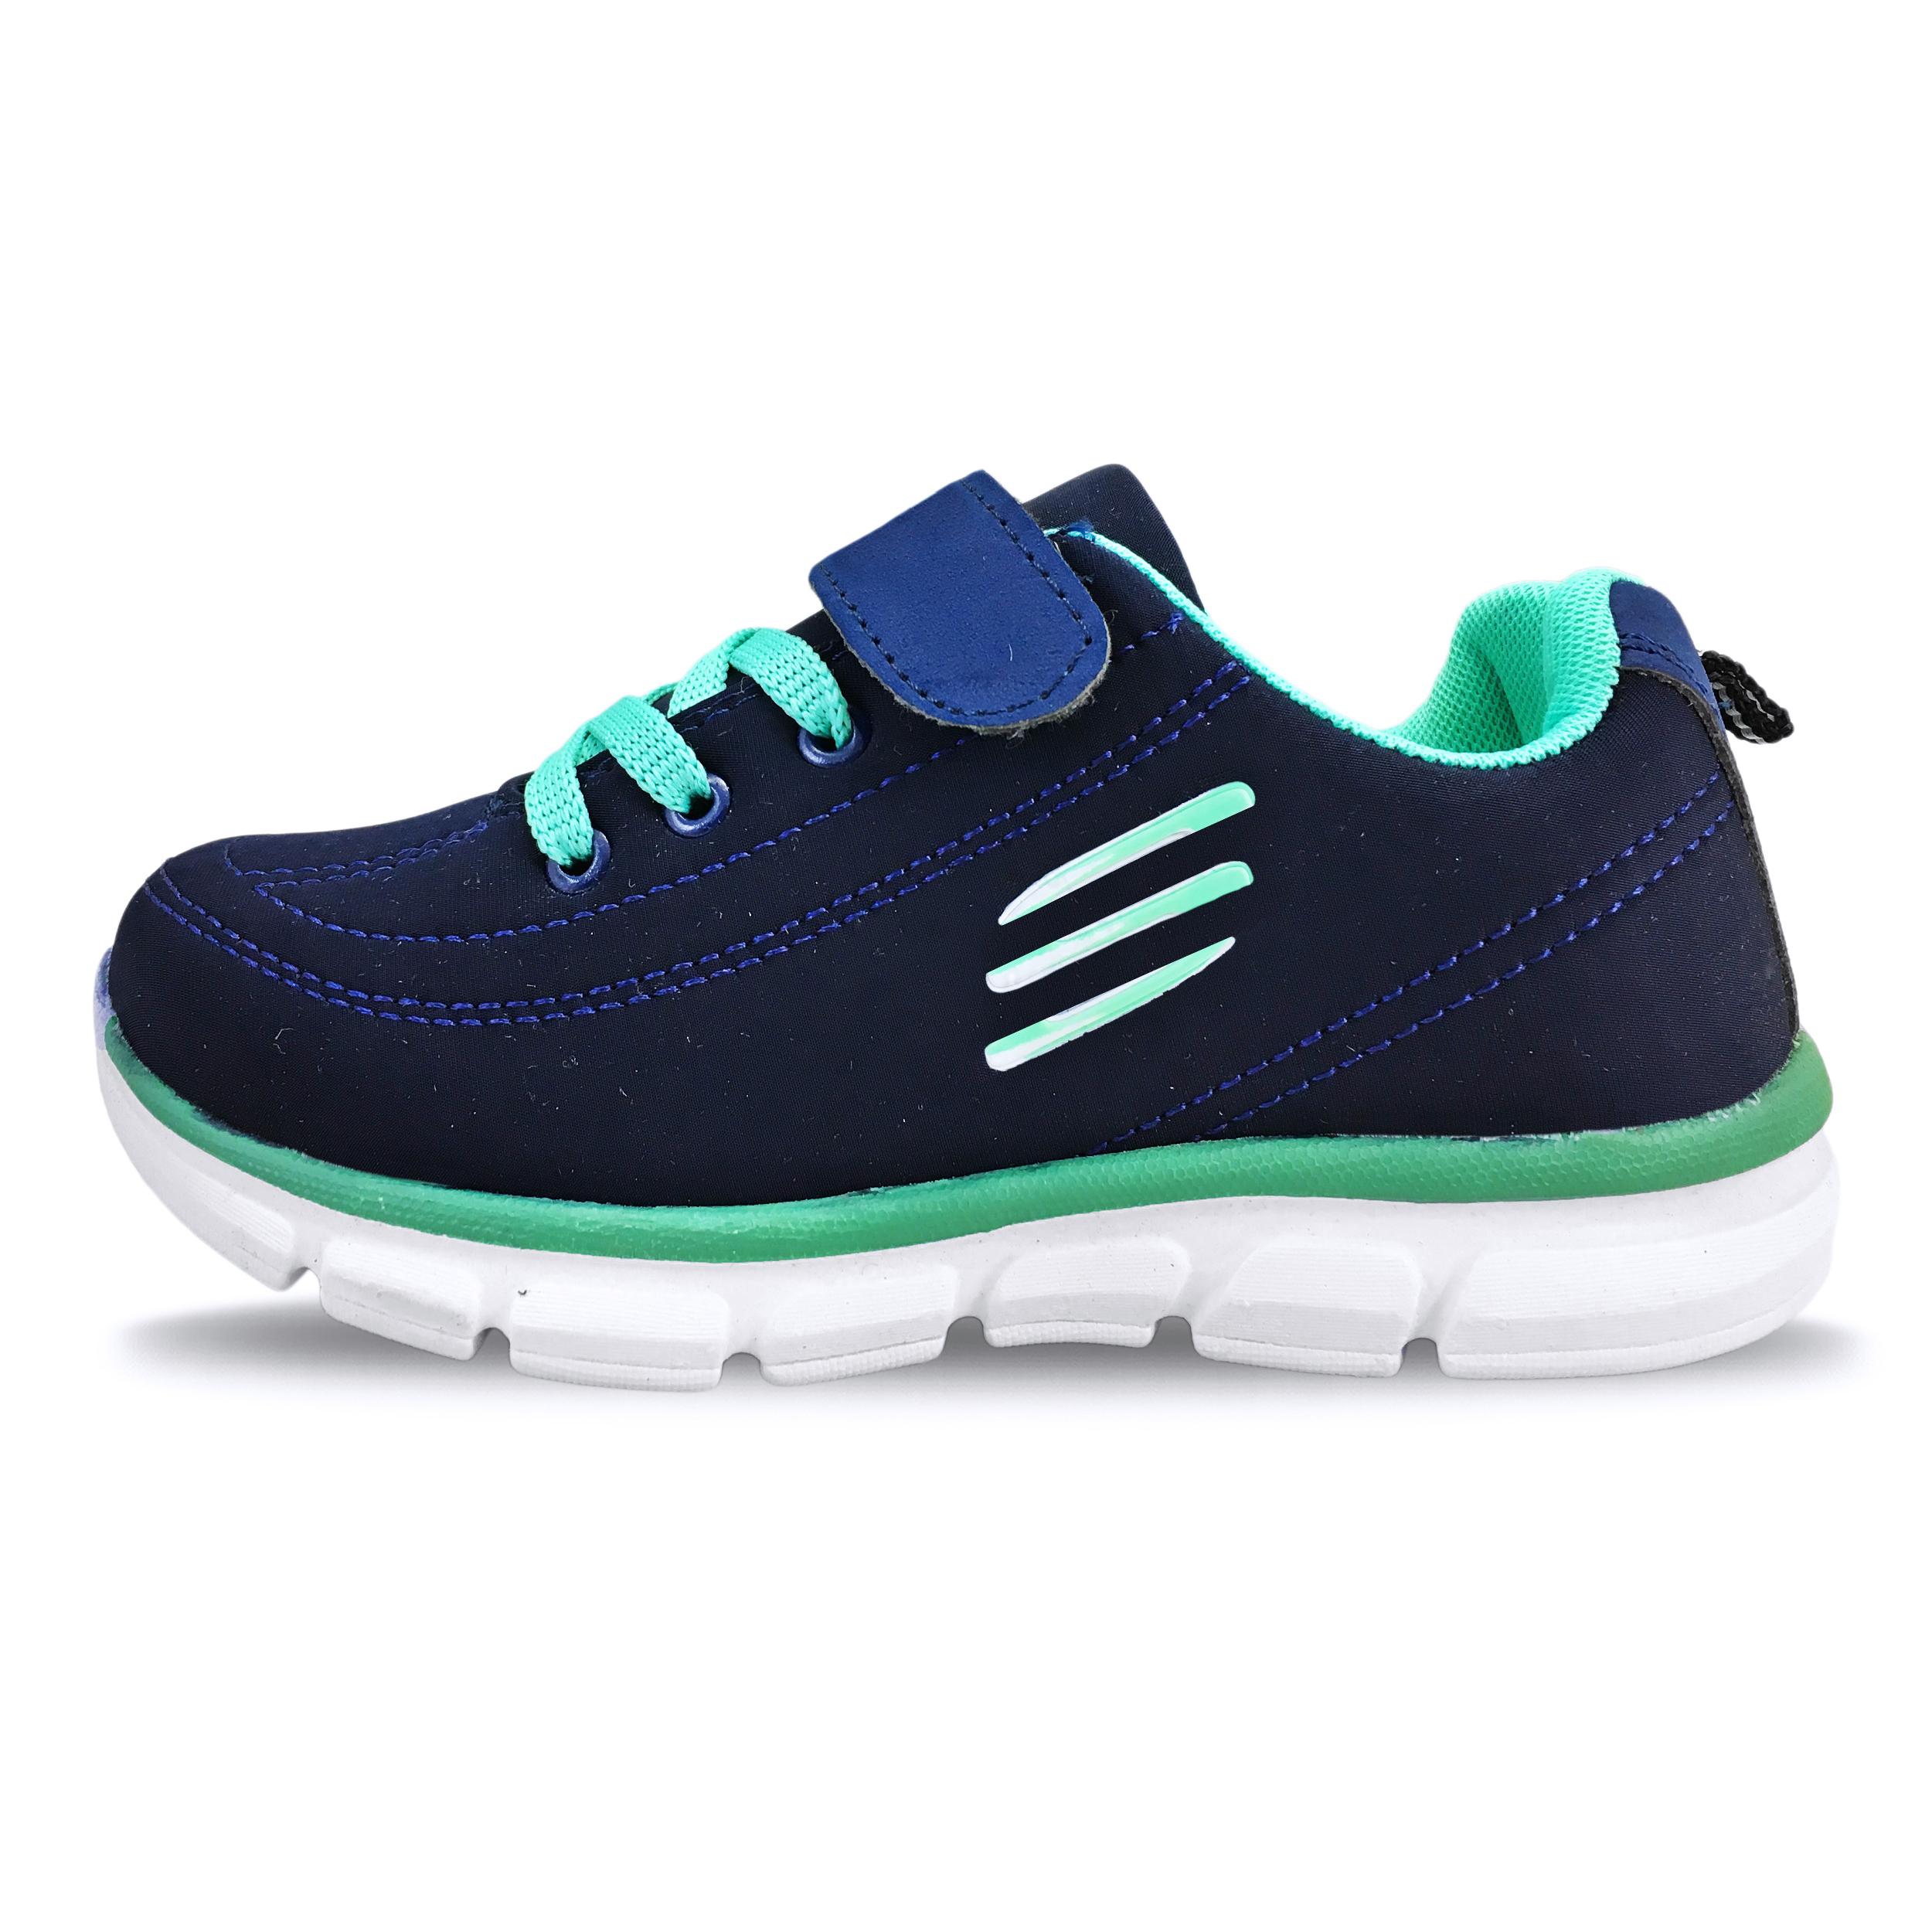 کفش مخصوص پیاده روی بچگانه مدل میلاد کد 3617